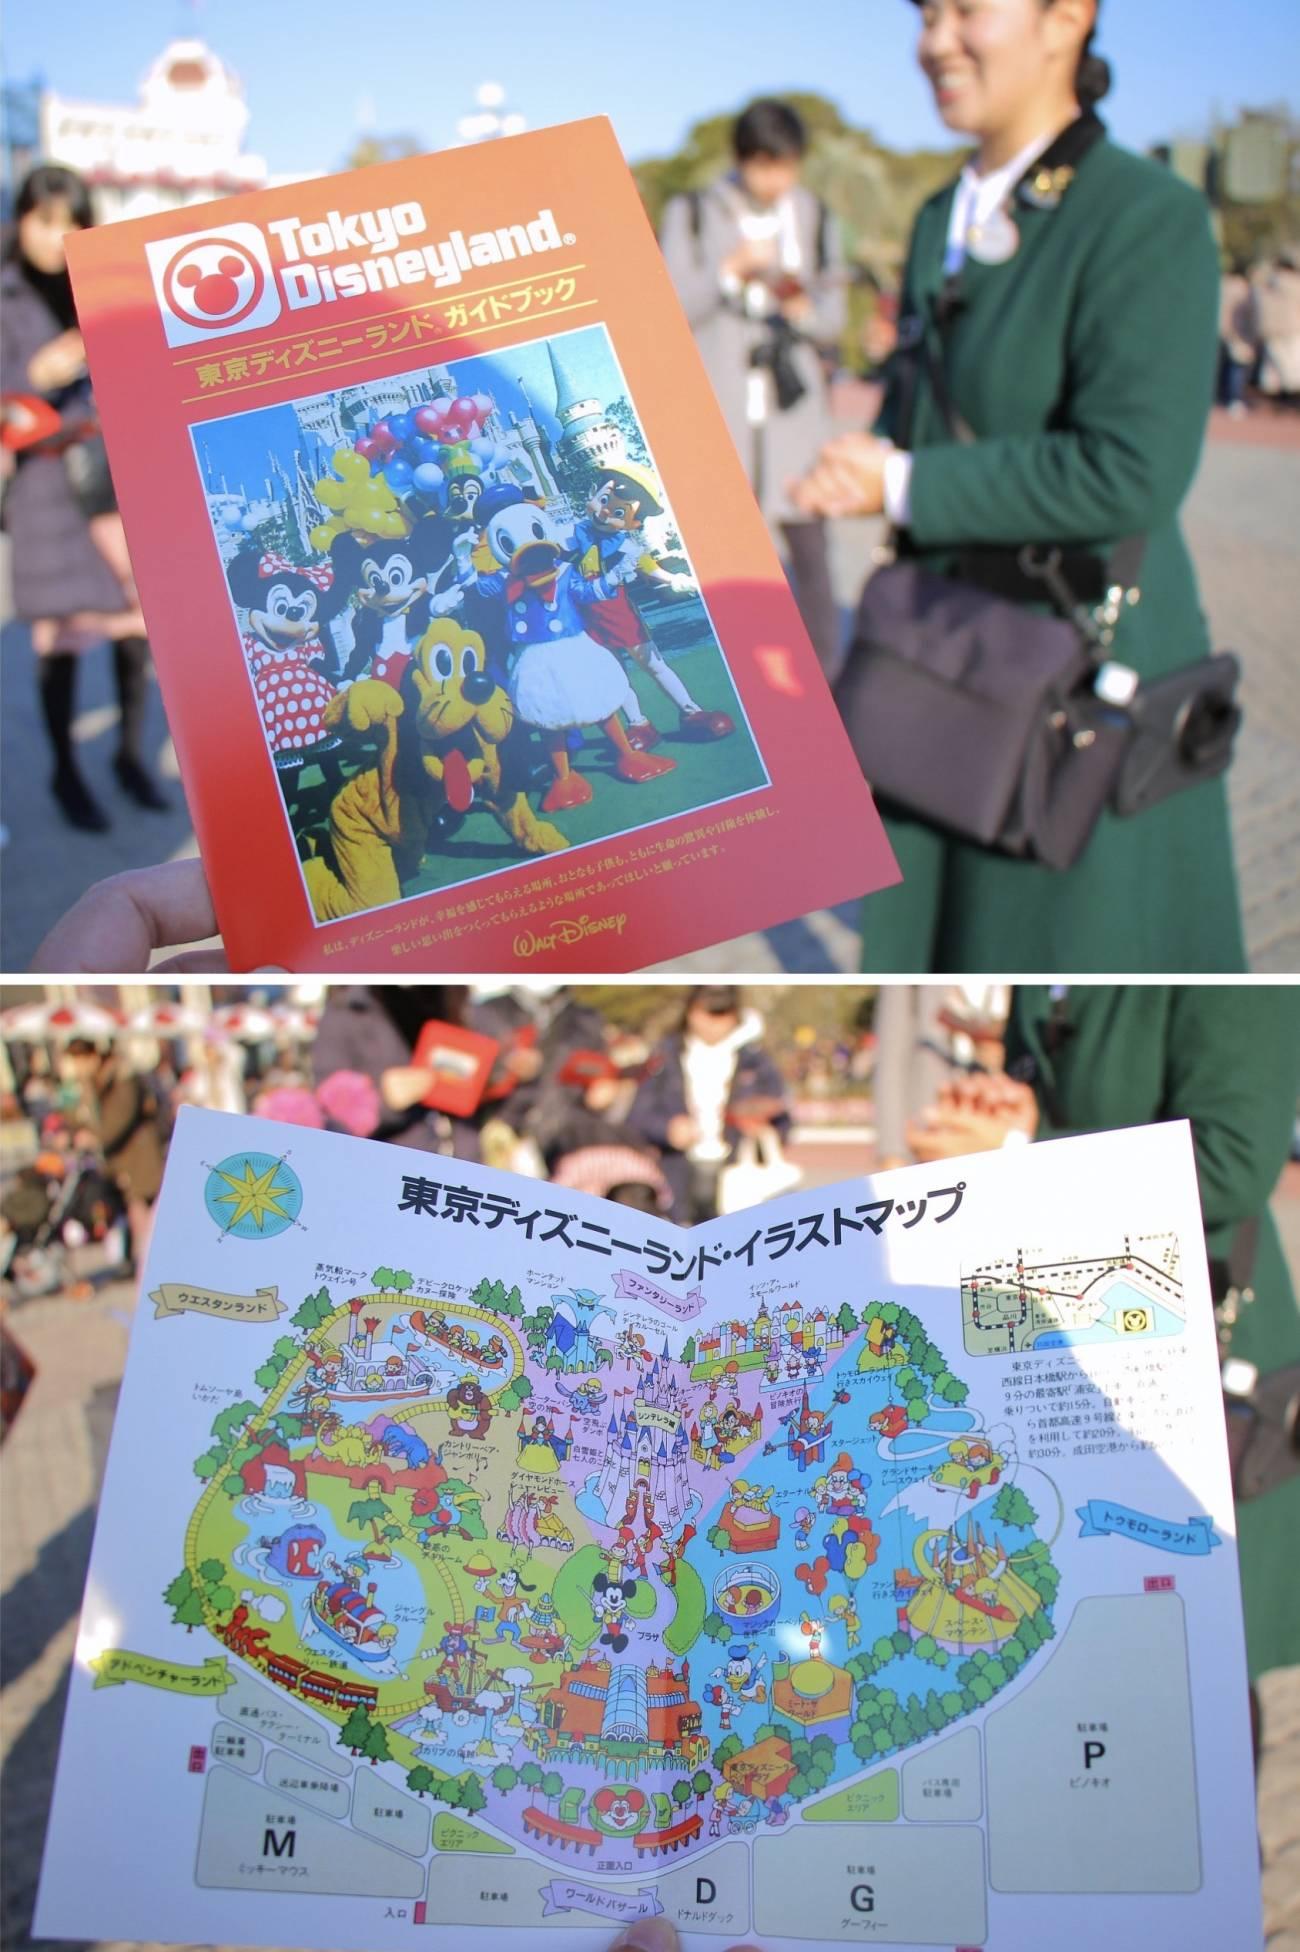 ディズニー開園当時のガイドマップ